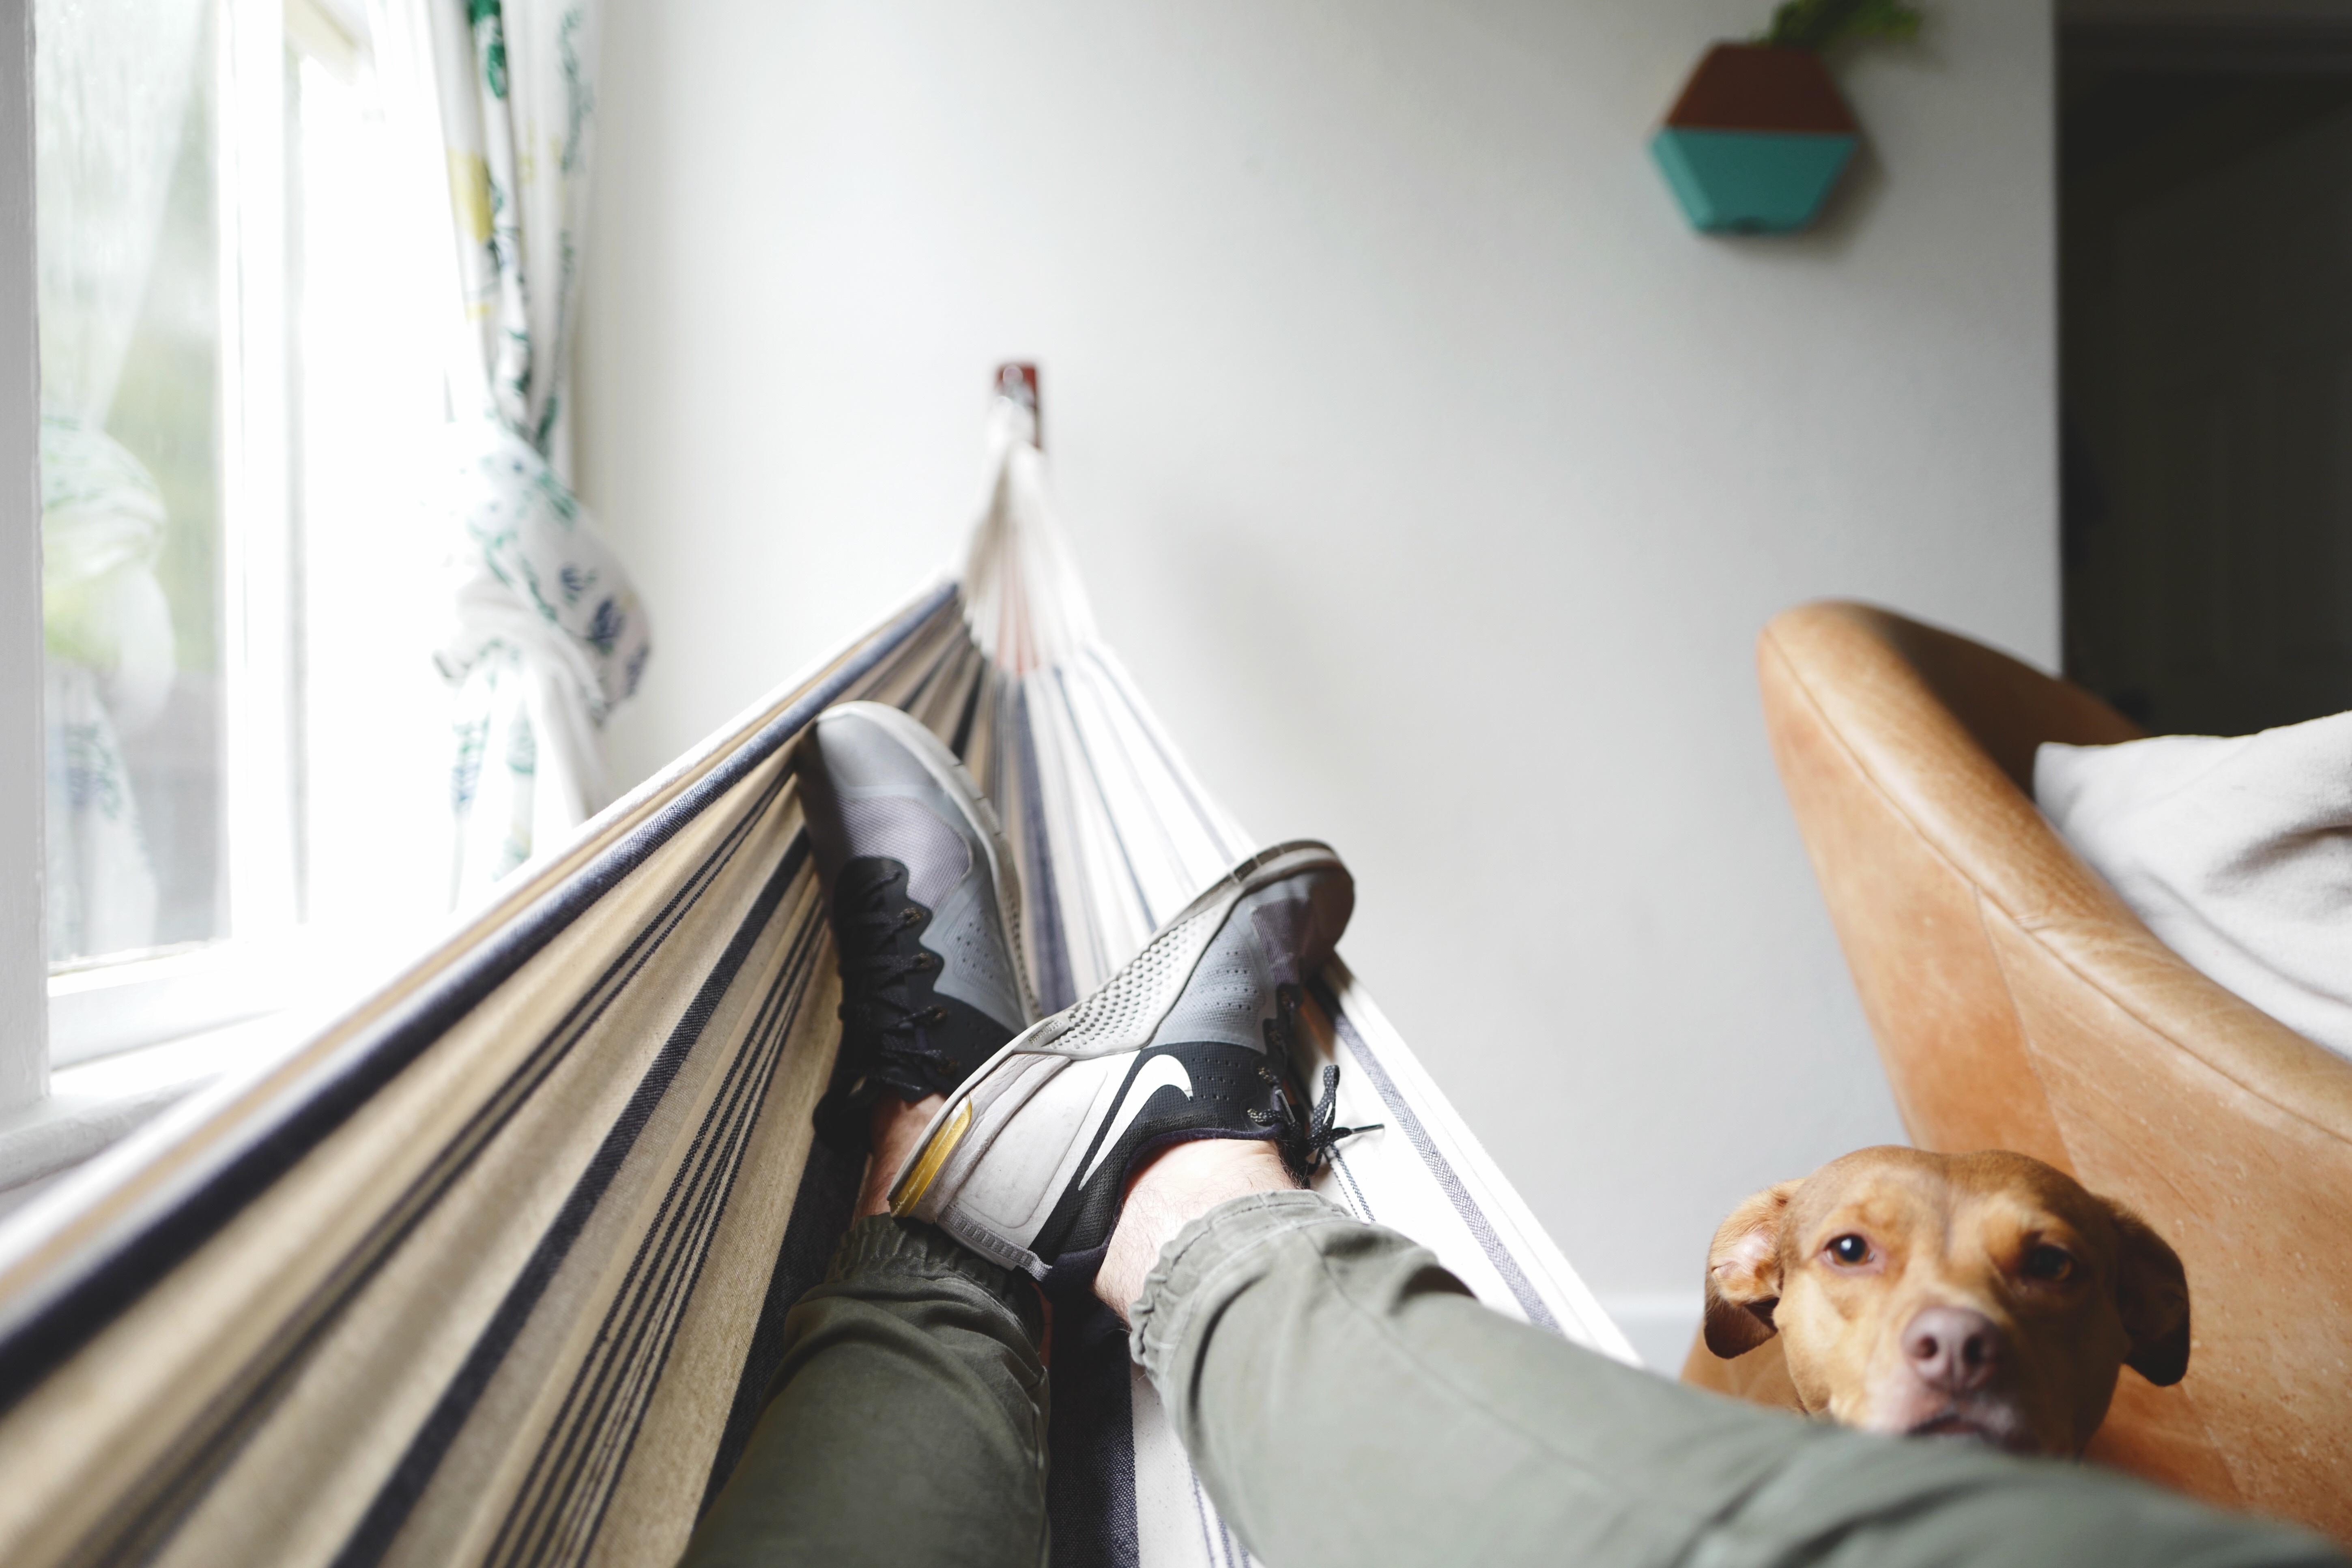 bodenbelag wohnzimmer hund, kostenlose foto : schuh, holz, mädchen, stock, füße, zuhause, Design ideen